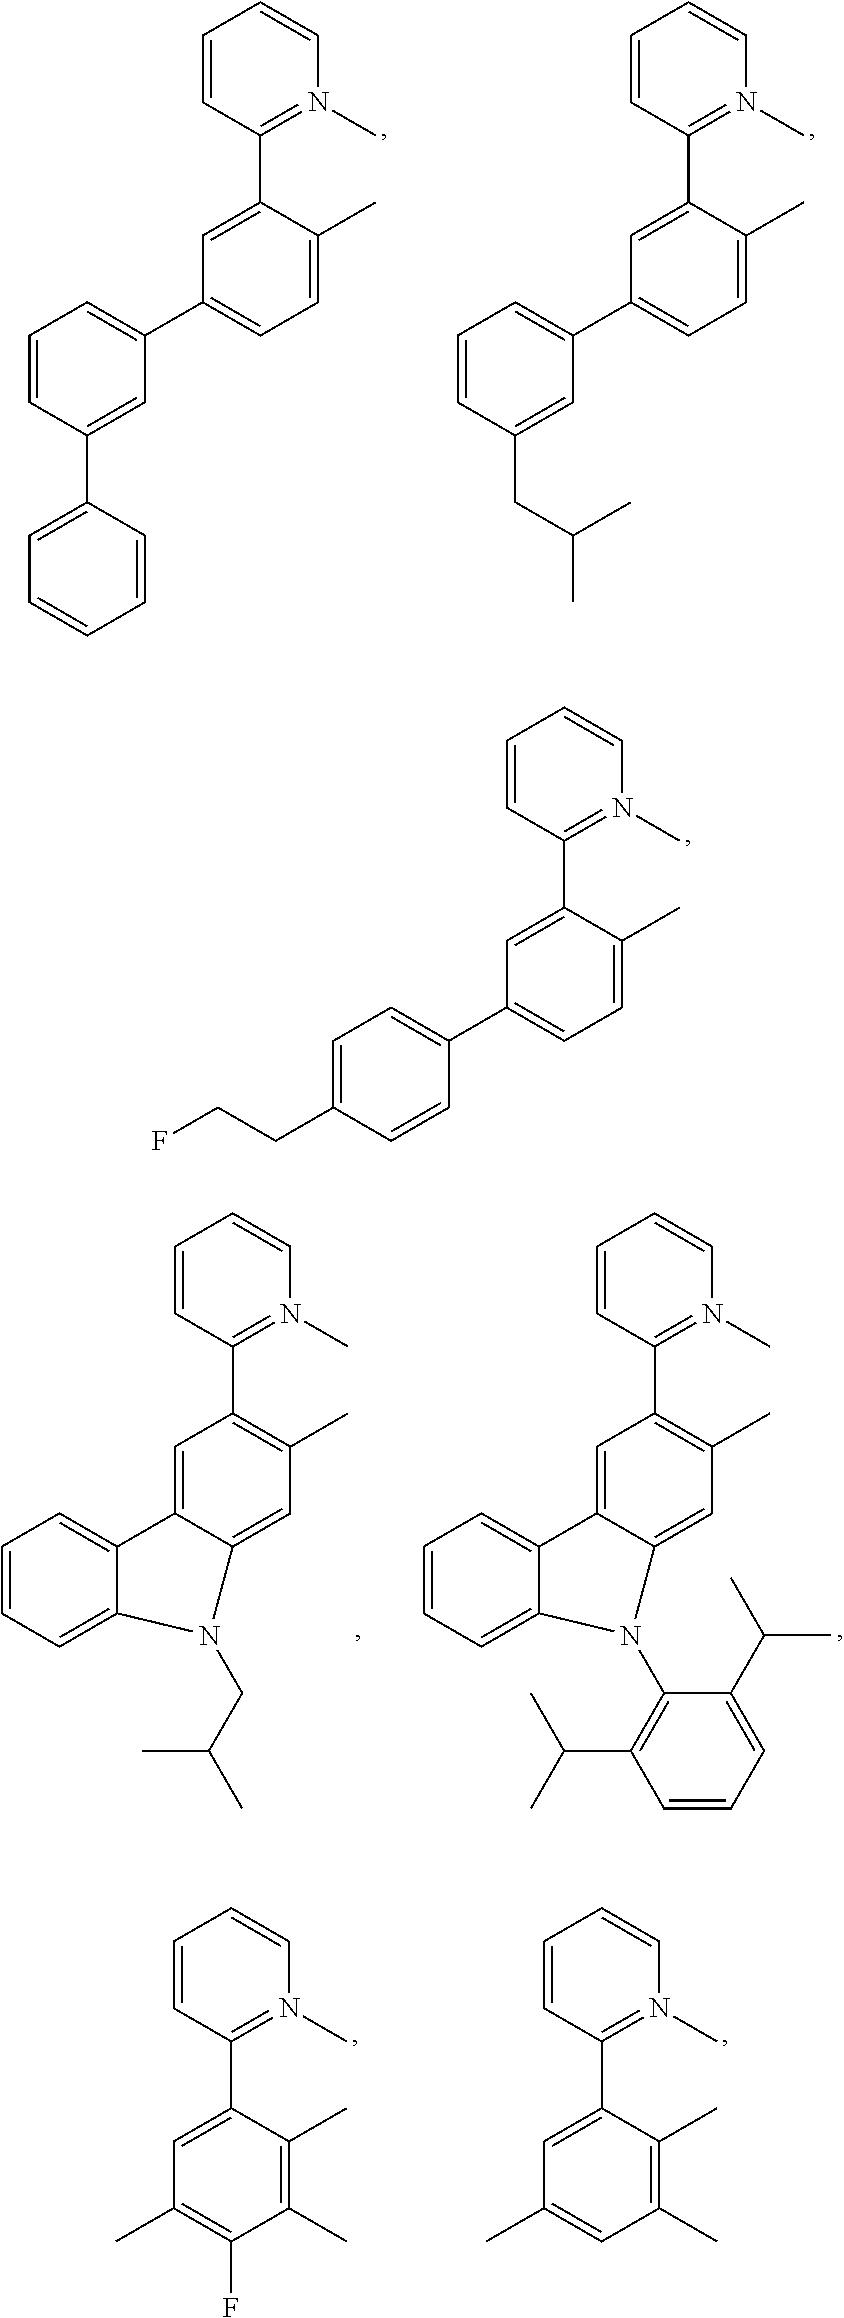 Figure US09899612-20180220-C00039